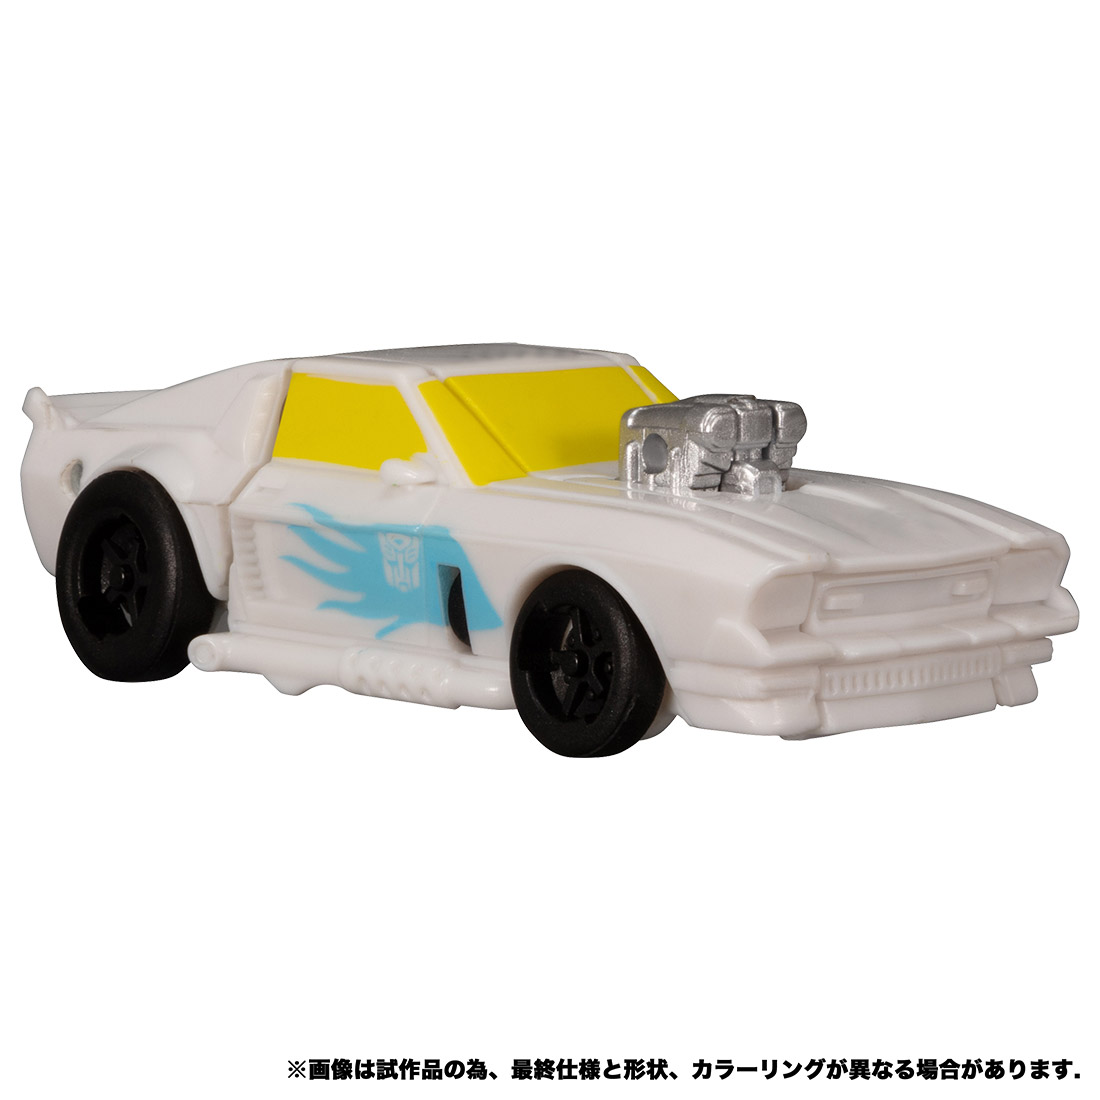 【限定販売】トランスフォーマー アースライズ『ER EX-03 トリップアップ&ダディーオー』可変可動フィギュア-004